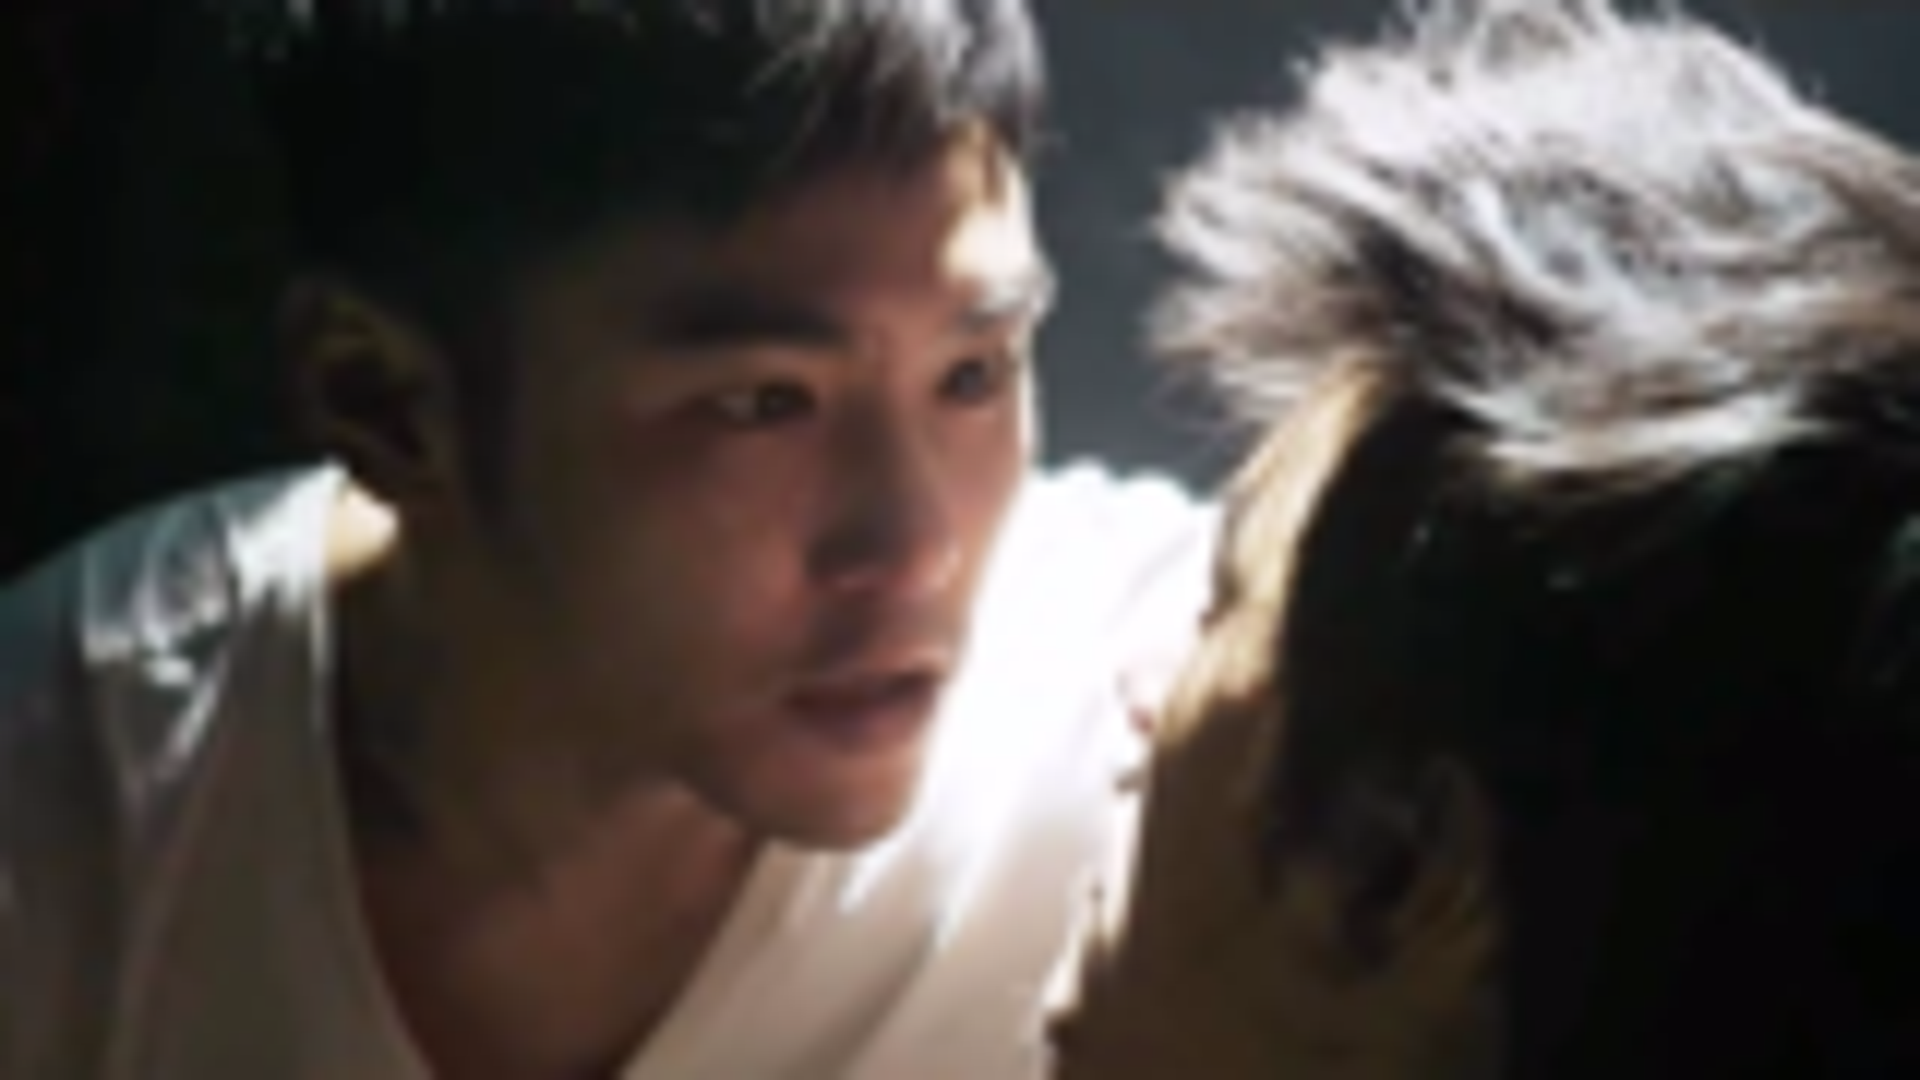 国产悬疑片:阮经天和杨颖主演,破案很少吻戏挺多!